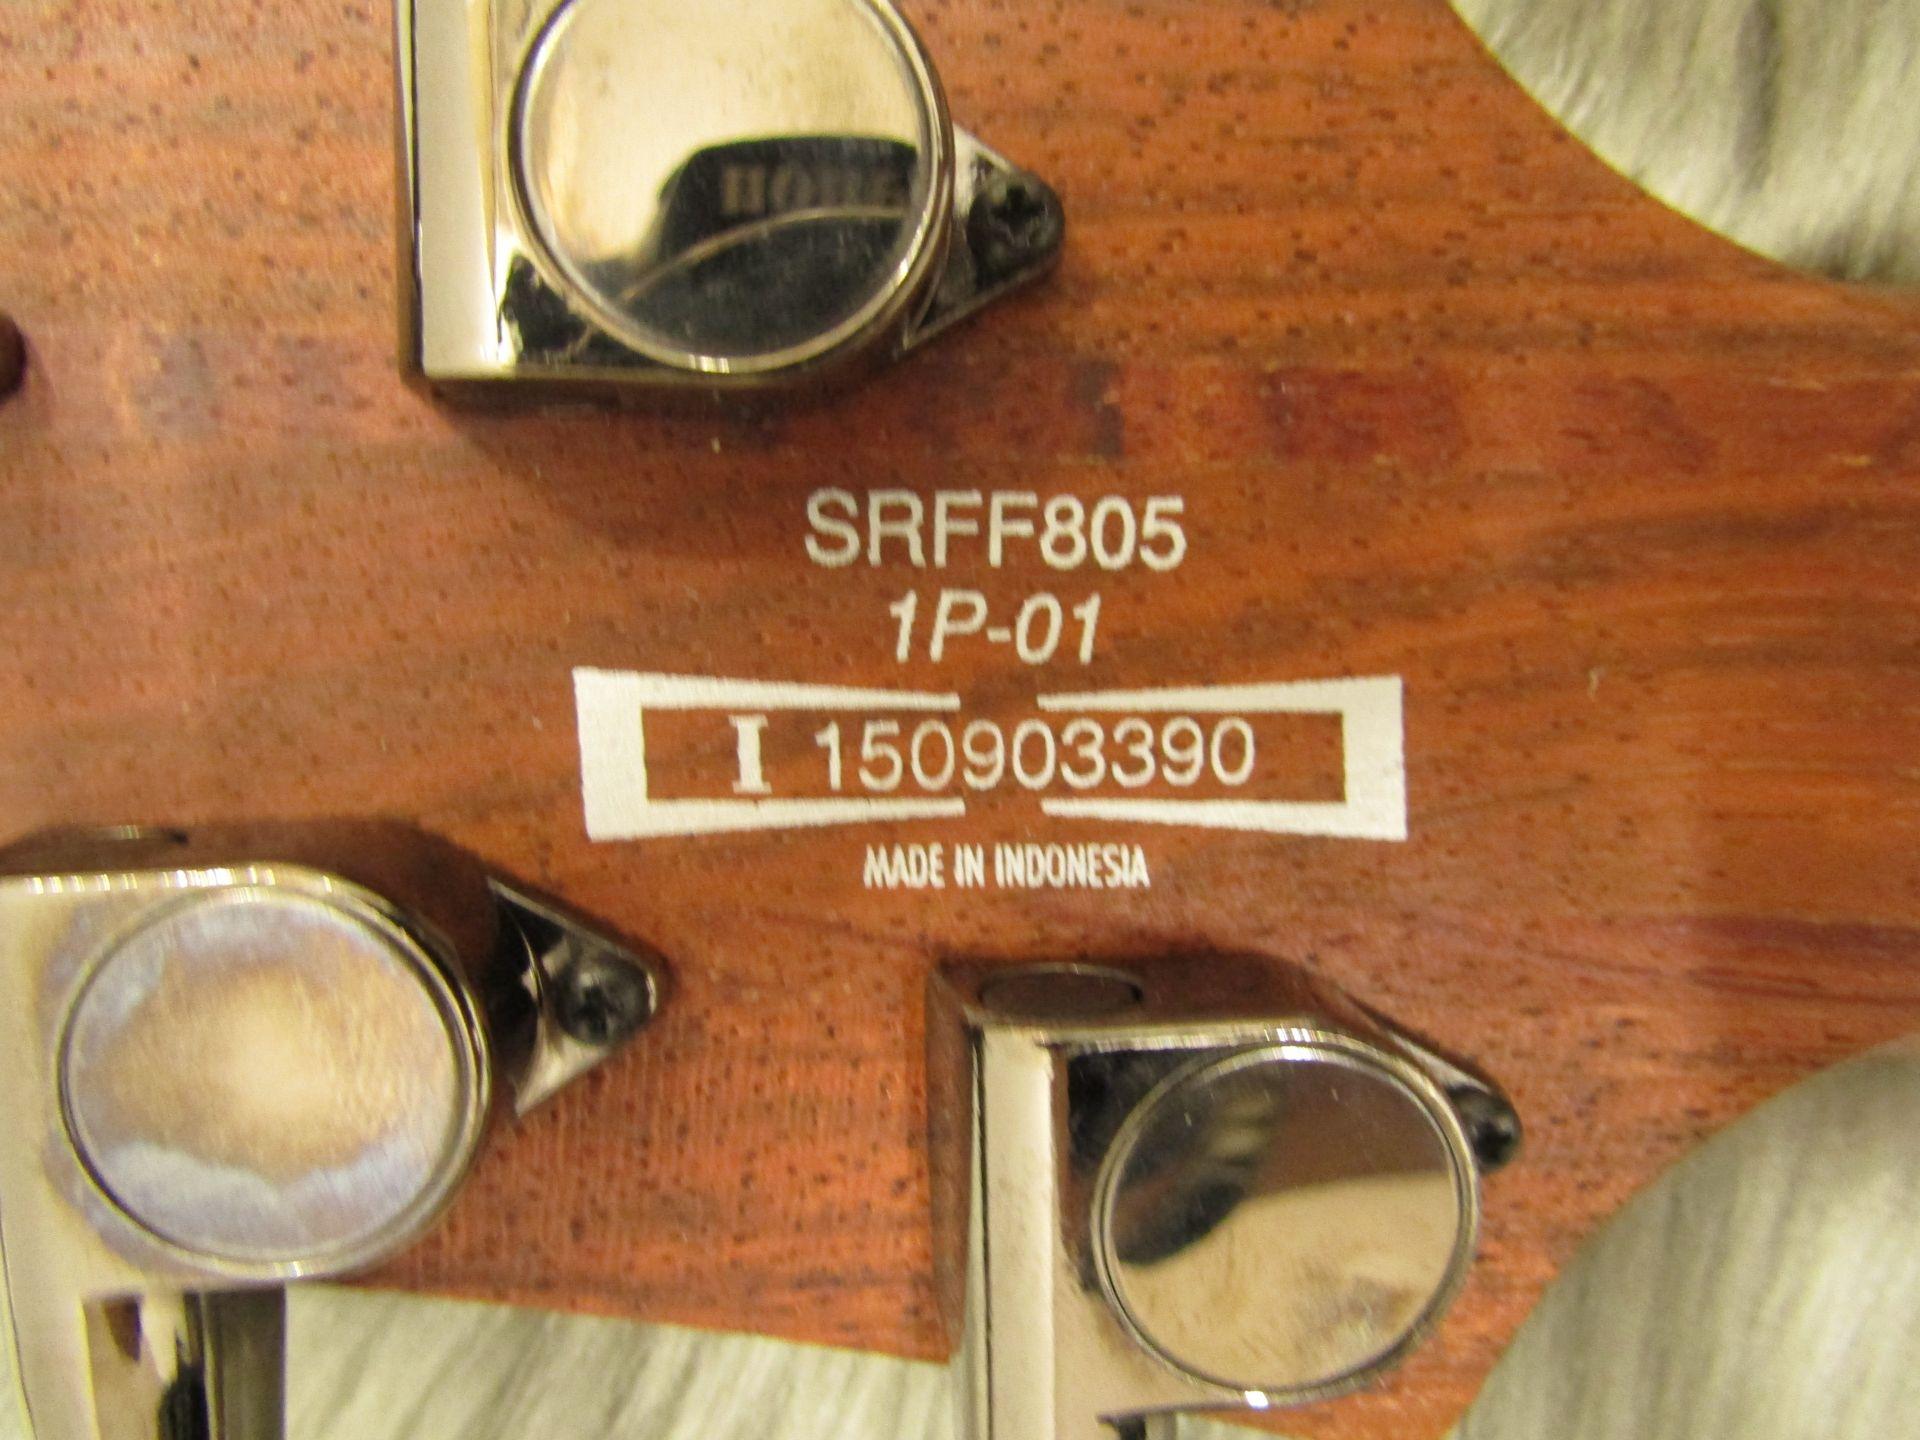 SRFF805のケース・その他画像